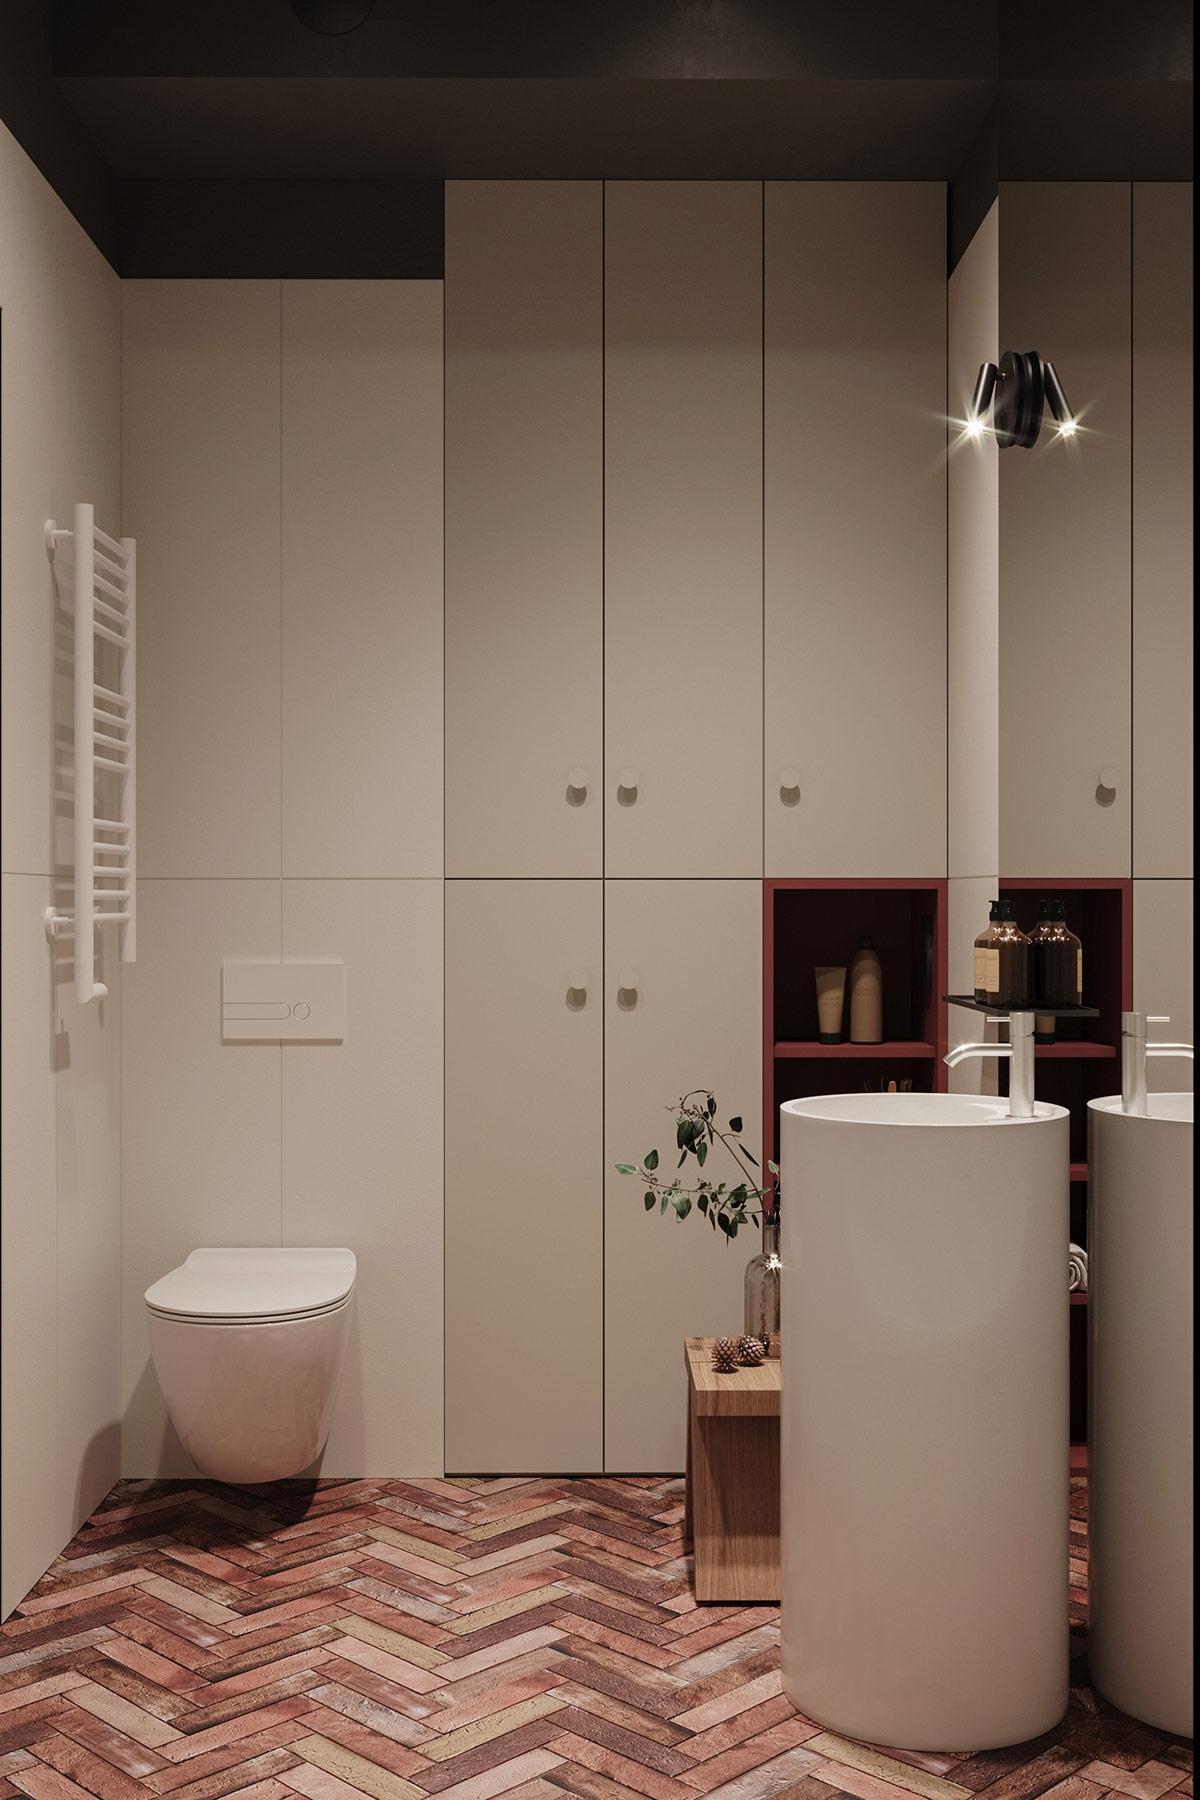 Nhà tắm đẹp như một tác phẩm nghệ thuật với các chi tiết tối giản, xinh xắn./.